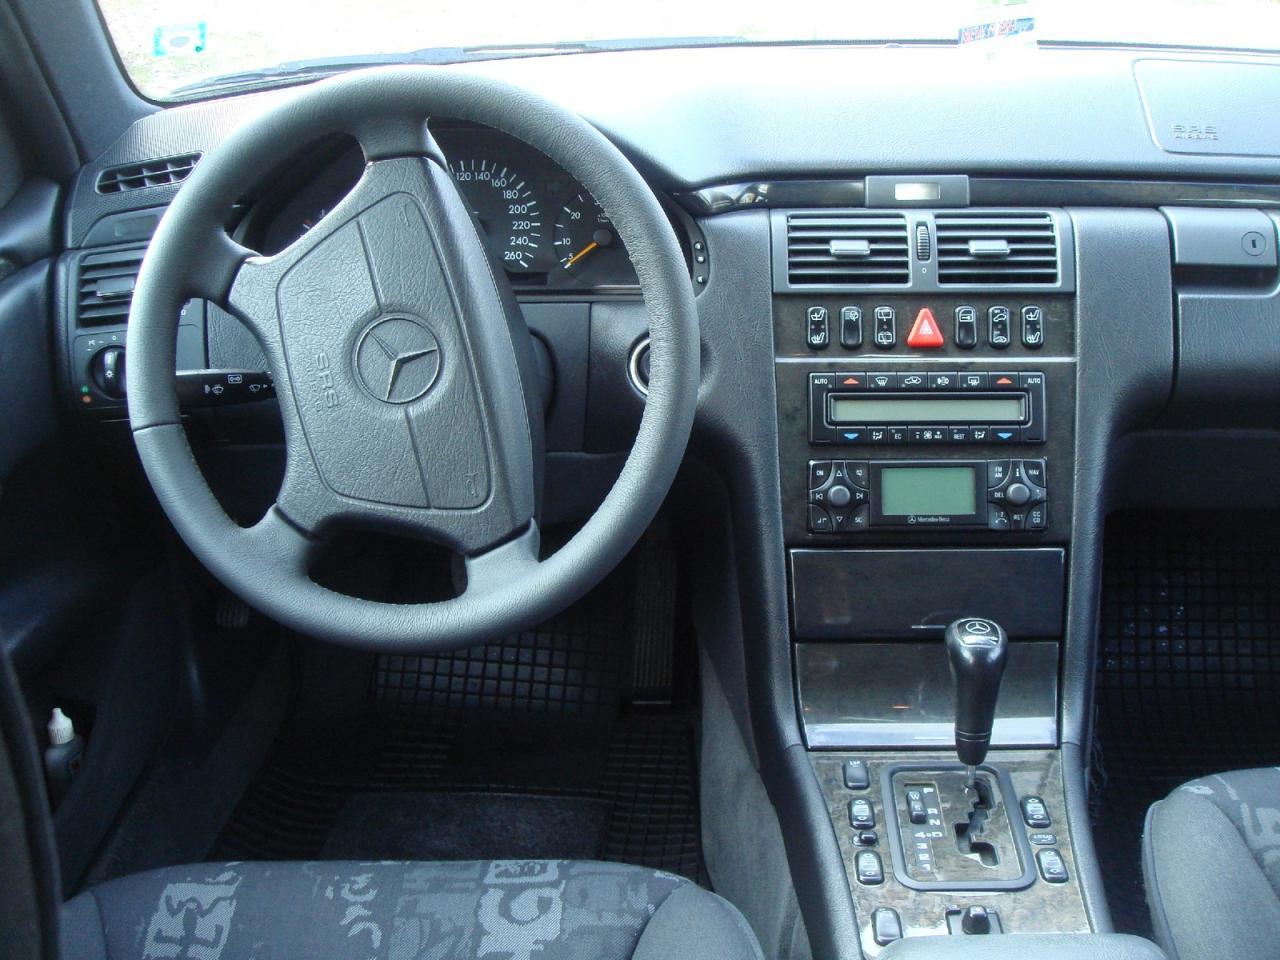 1997 Mercedes Benz E Class Information And Photos